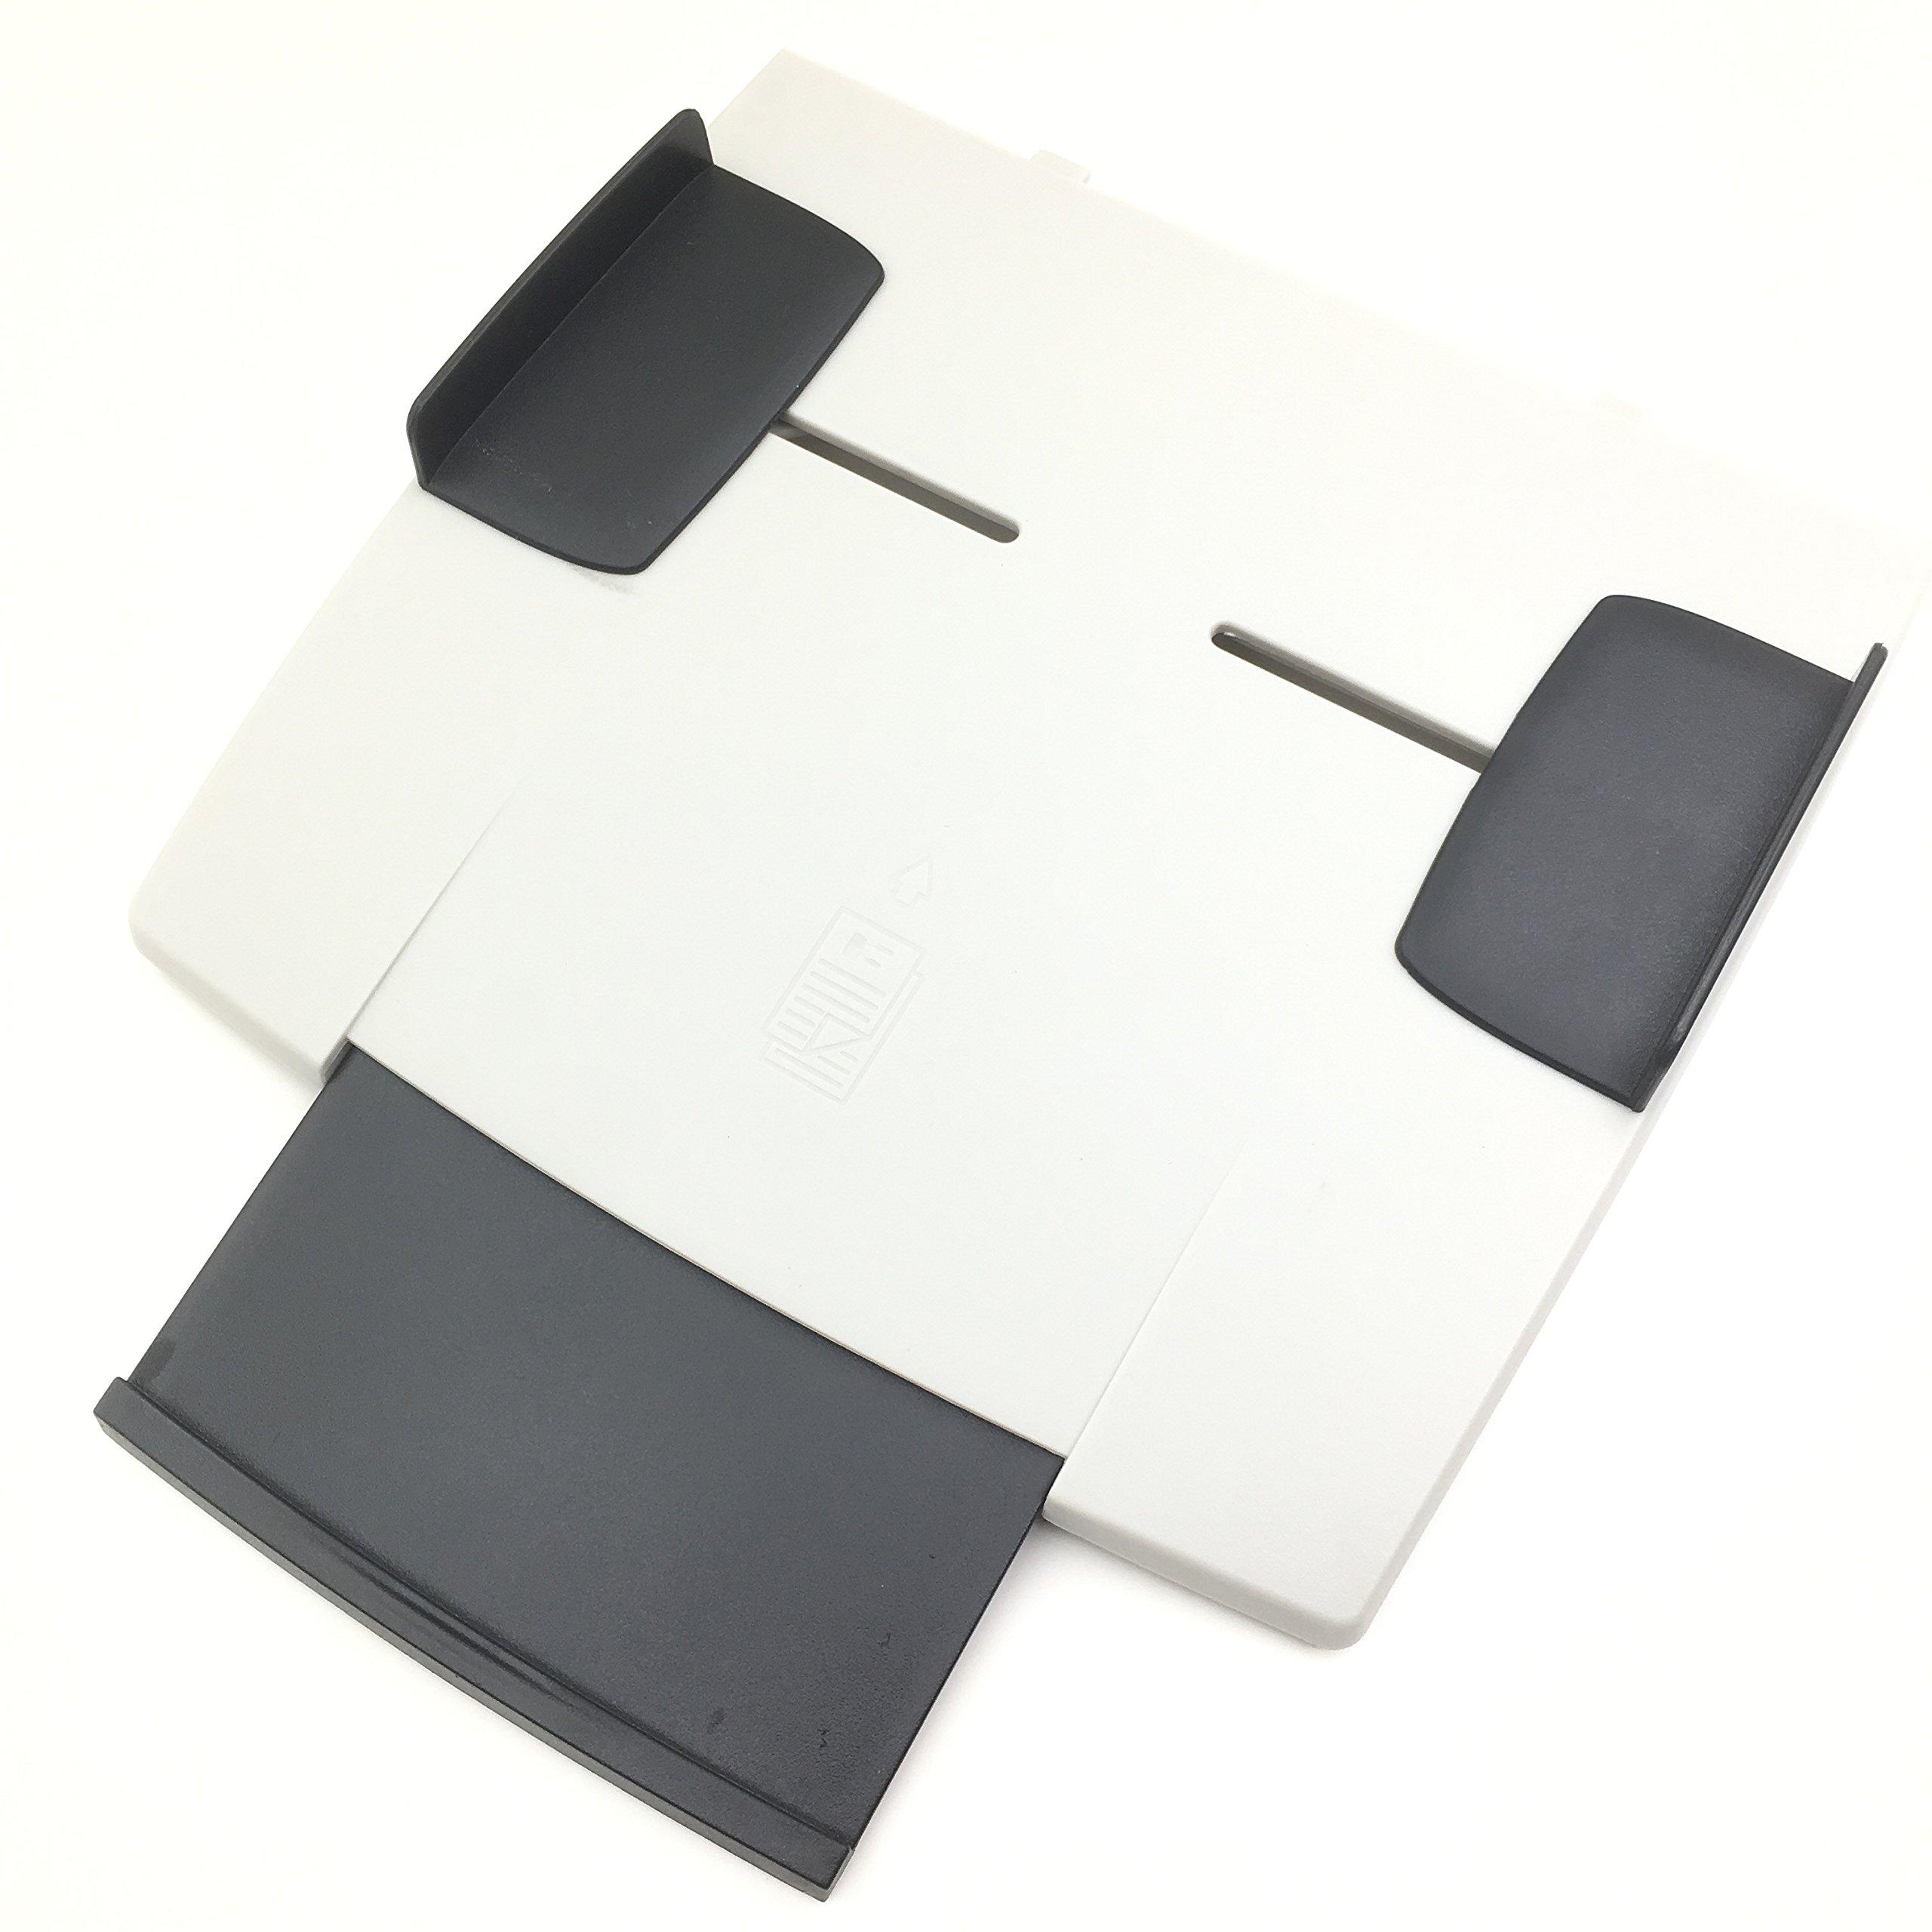 OKLILI Q6500-60119 Q3948-60214 CB534-60112 Q1636-40012 Q2665-60109 ADF Paper Input Tray for HP 1522 M1522 CM1312 CM2320 3390 3392 M2727 2820 2840 3050 3052 3055 by OKLILI (Image #2)